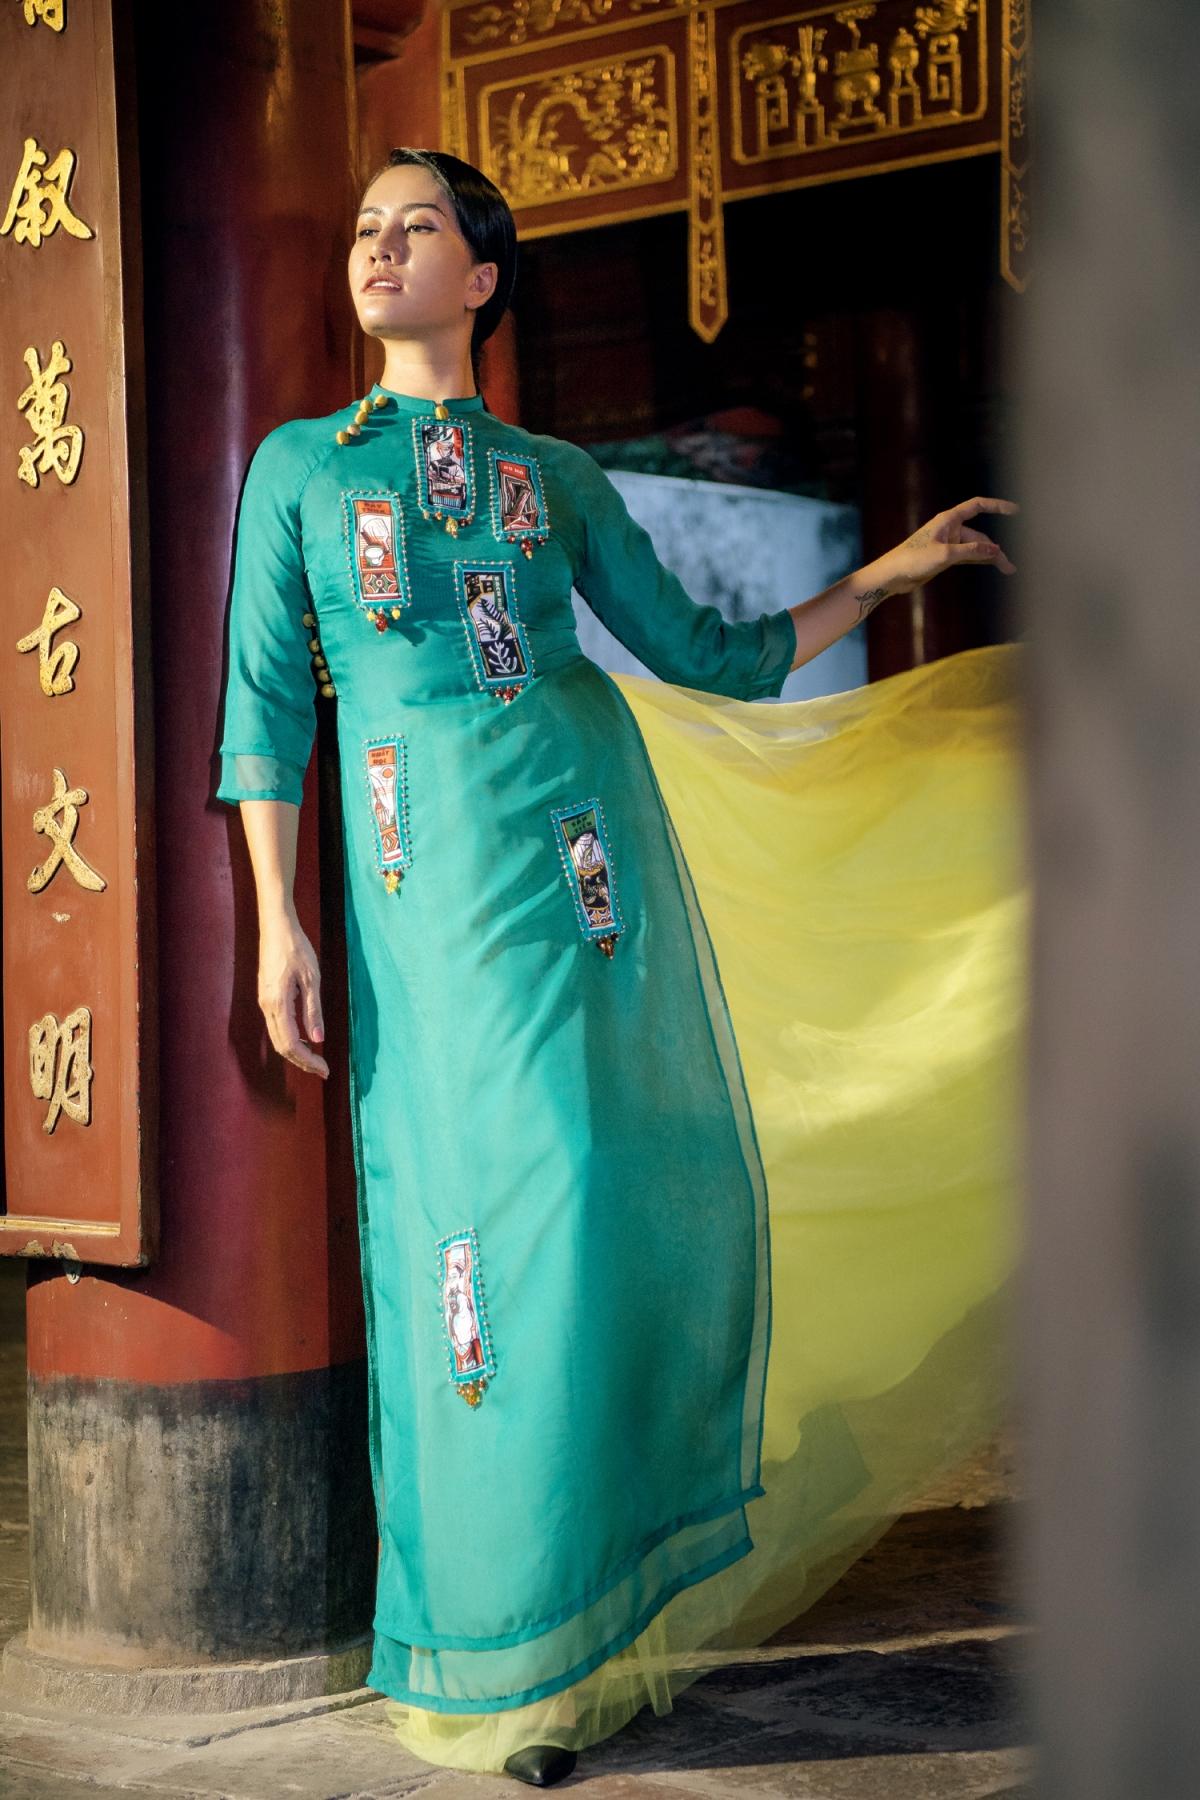 Tuy nhiên, Cao Minh Tiến đã thổi vào những đặc sắc truyền thống một sức trẻ, rất mới mẻ, hiện đại từ màu sắc, hoạ tiết đến chất liệu, vô cùng phong phú và cá tính.